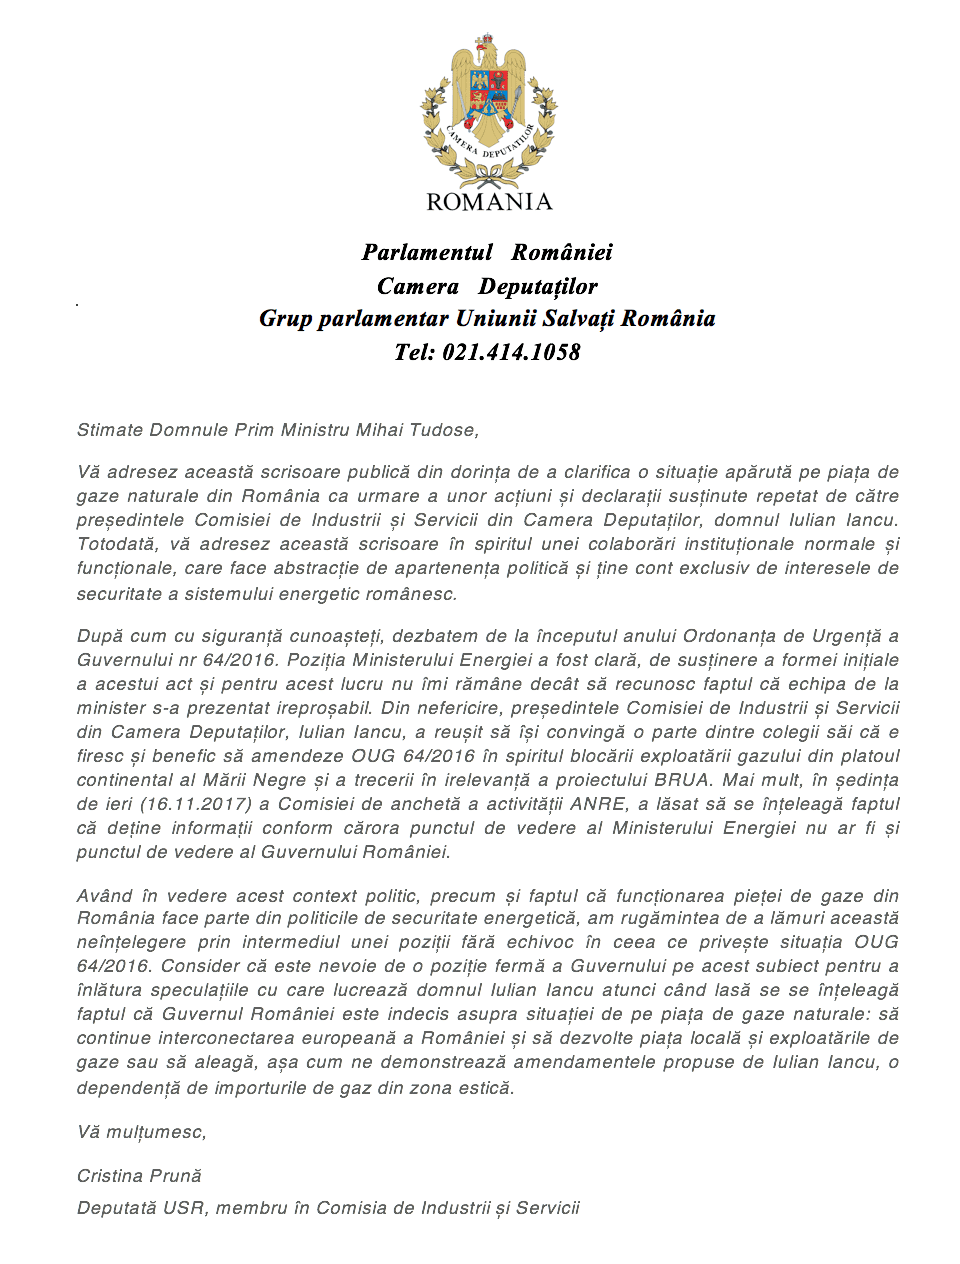 Scrisoare deschisă: Guvernul României își dorește interconectare europeană sau dependență de gazele rusești?